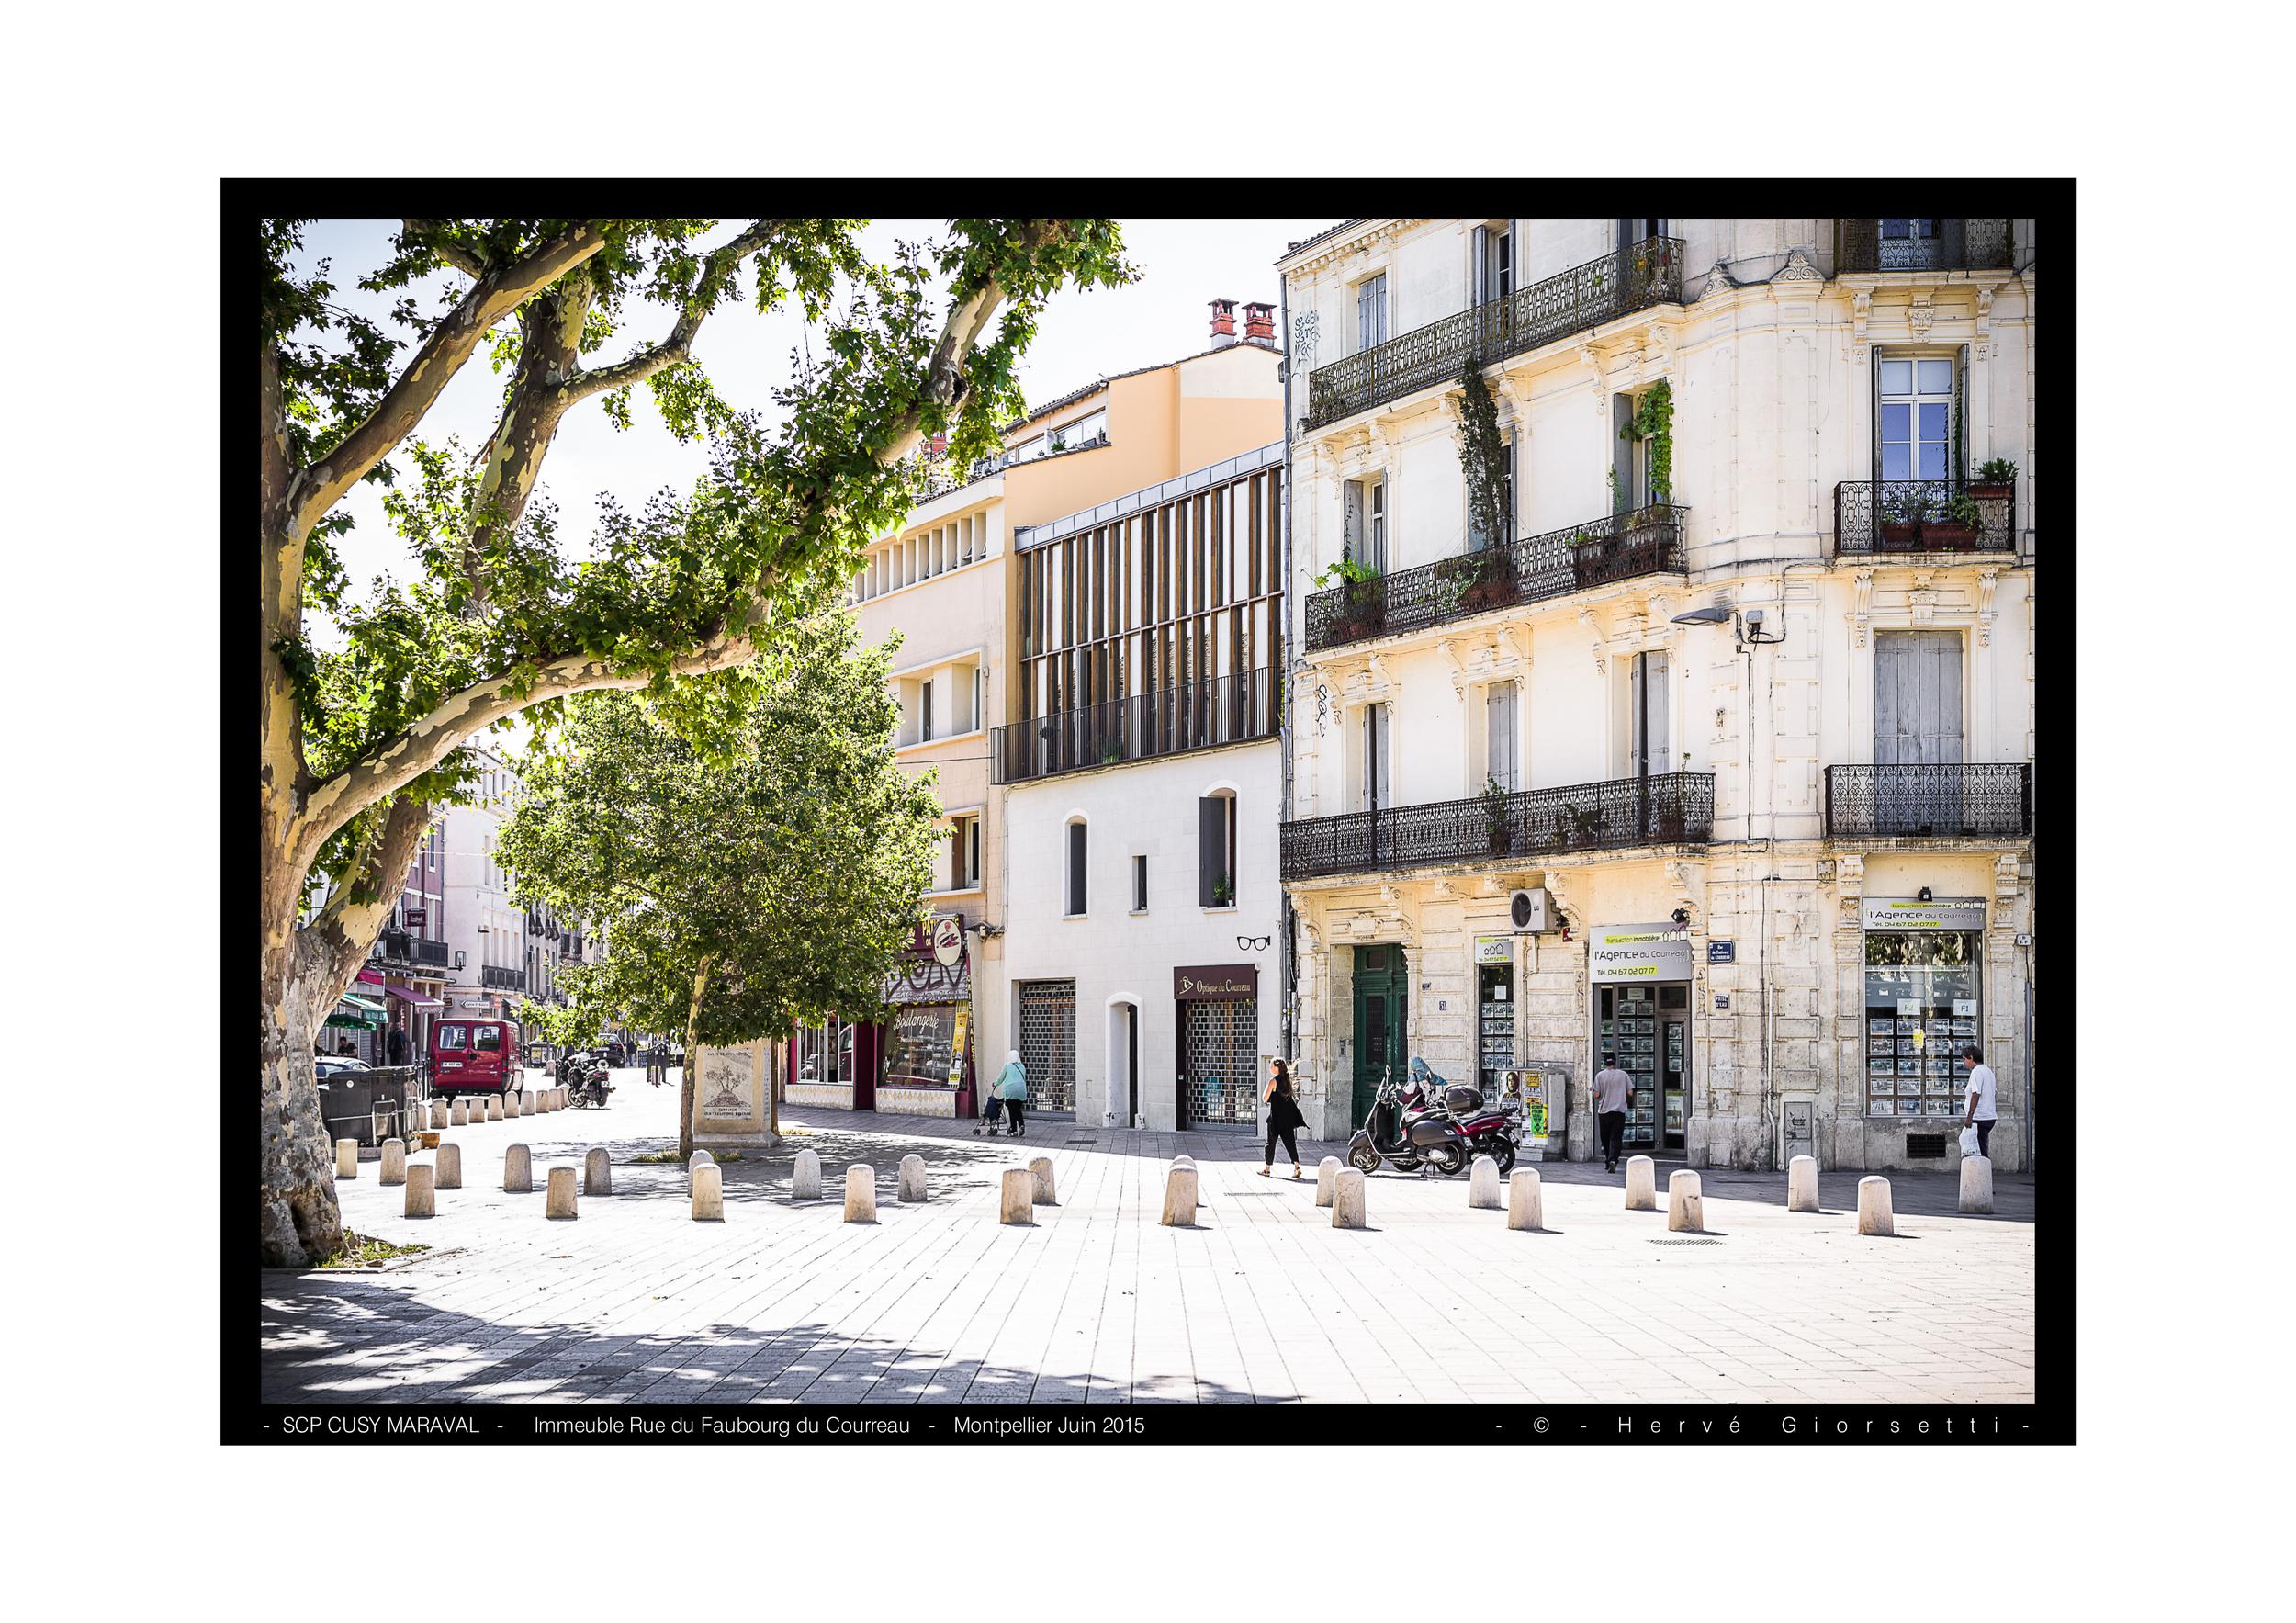 Immeuble, rue du Faubourg du Courreau, Montpellier  SCP CUSY MARAVAL Architectes